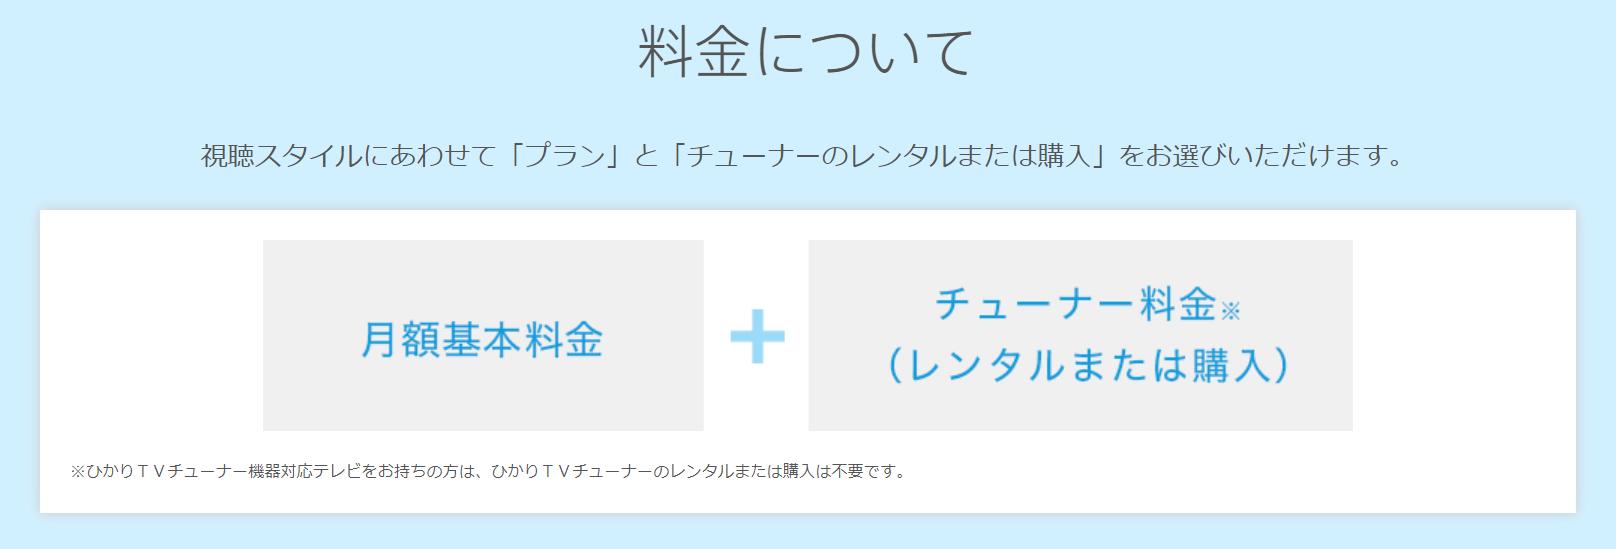 ひかりTVの料金=月額基本料金+チューナー料金